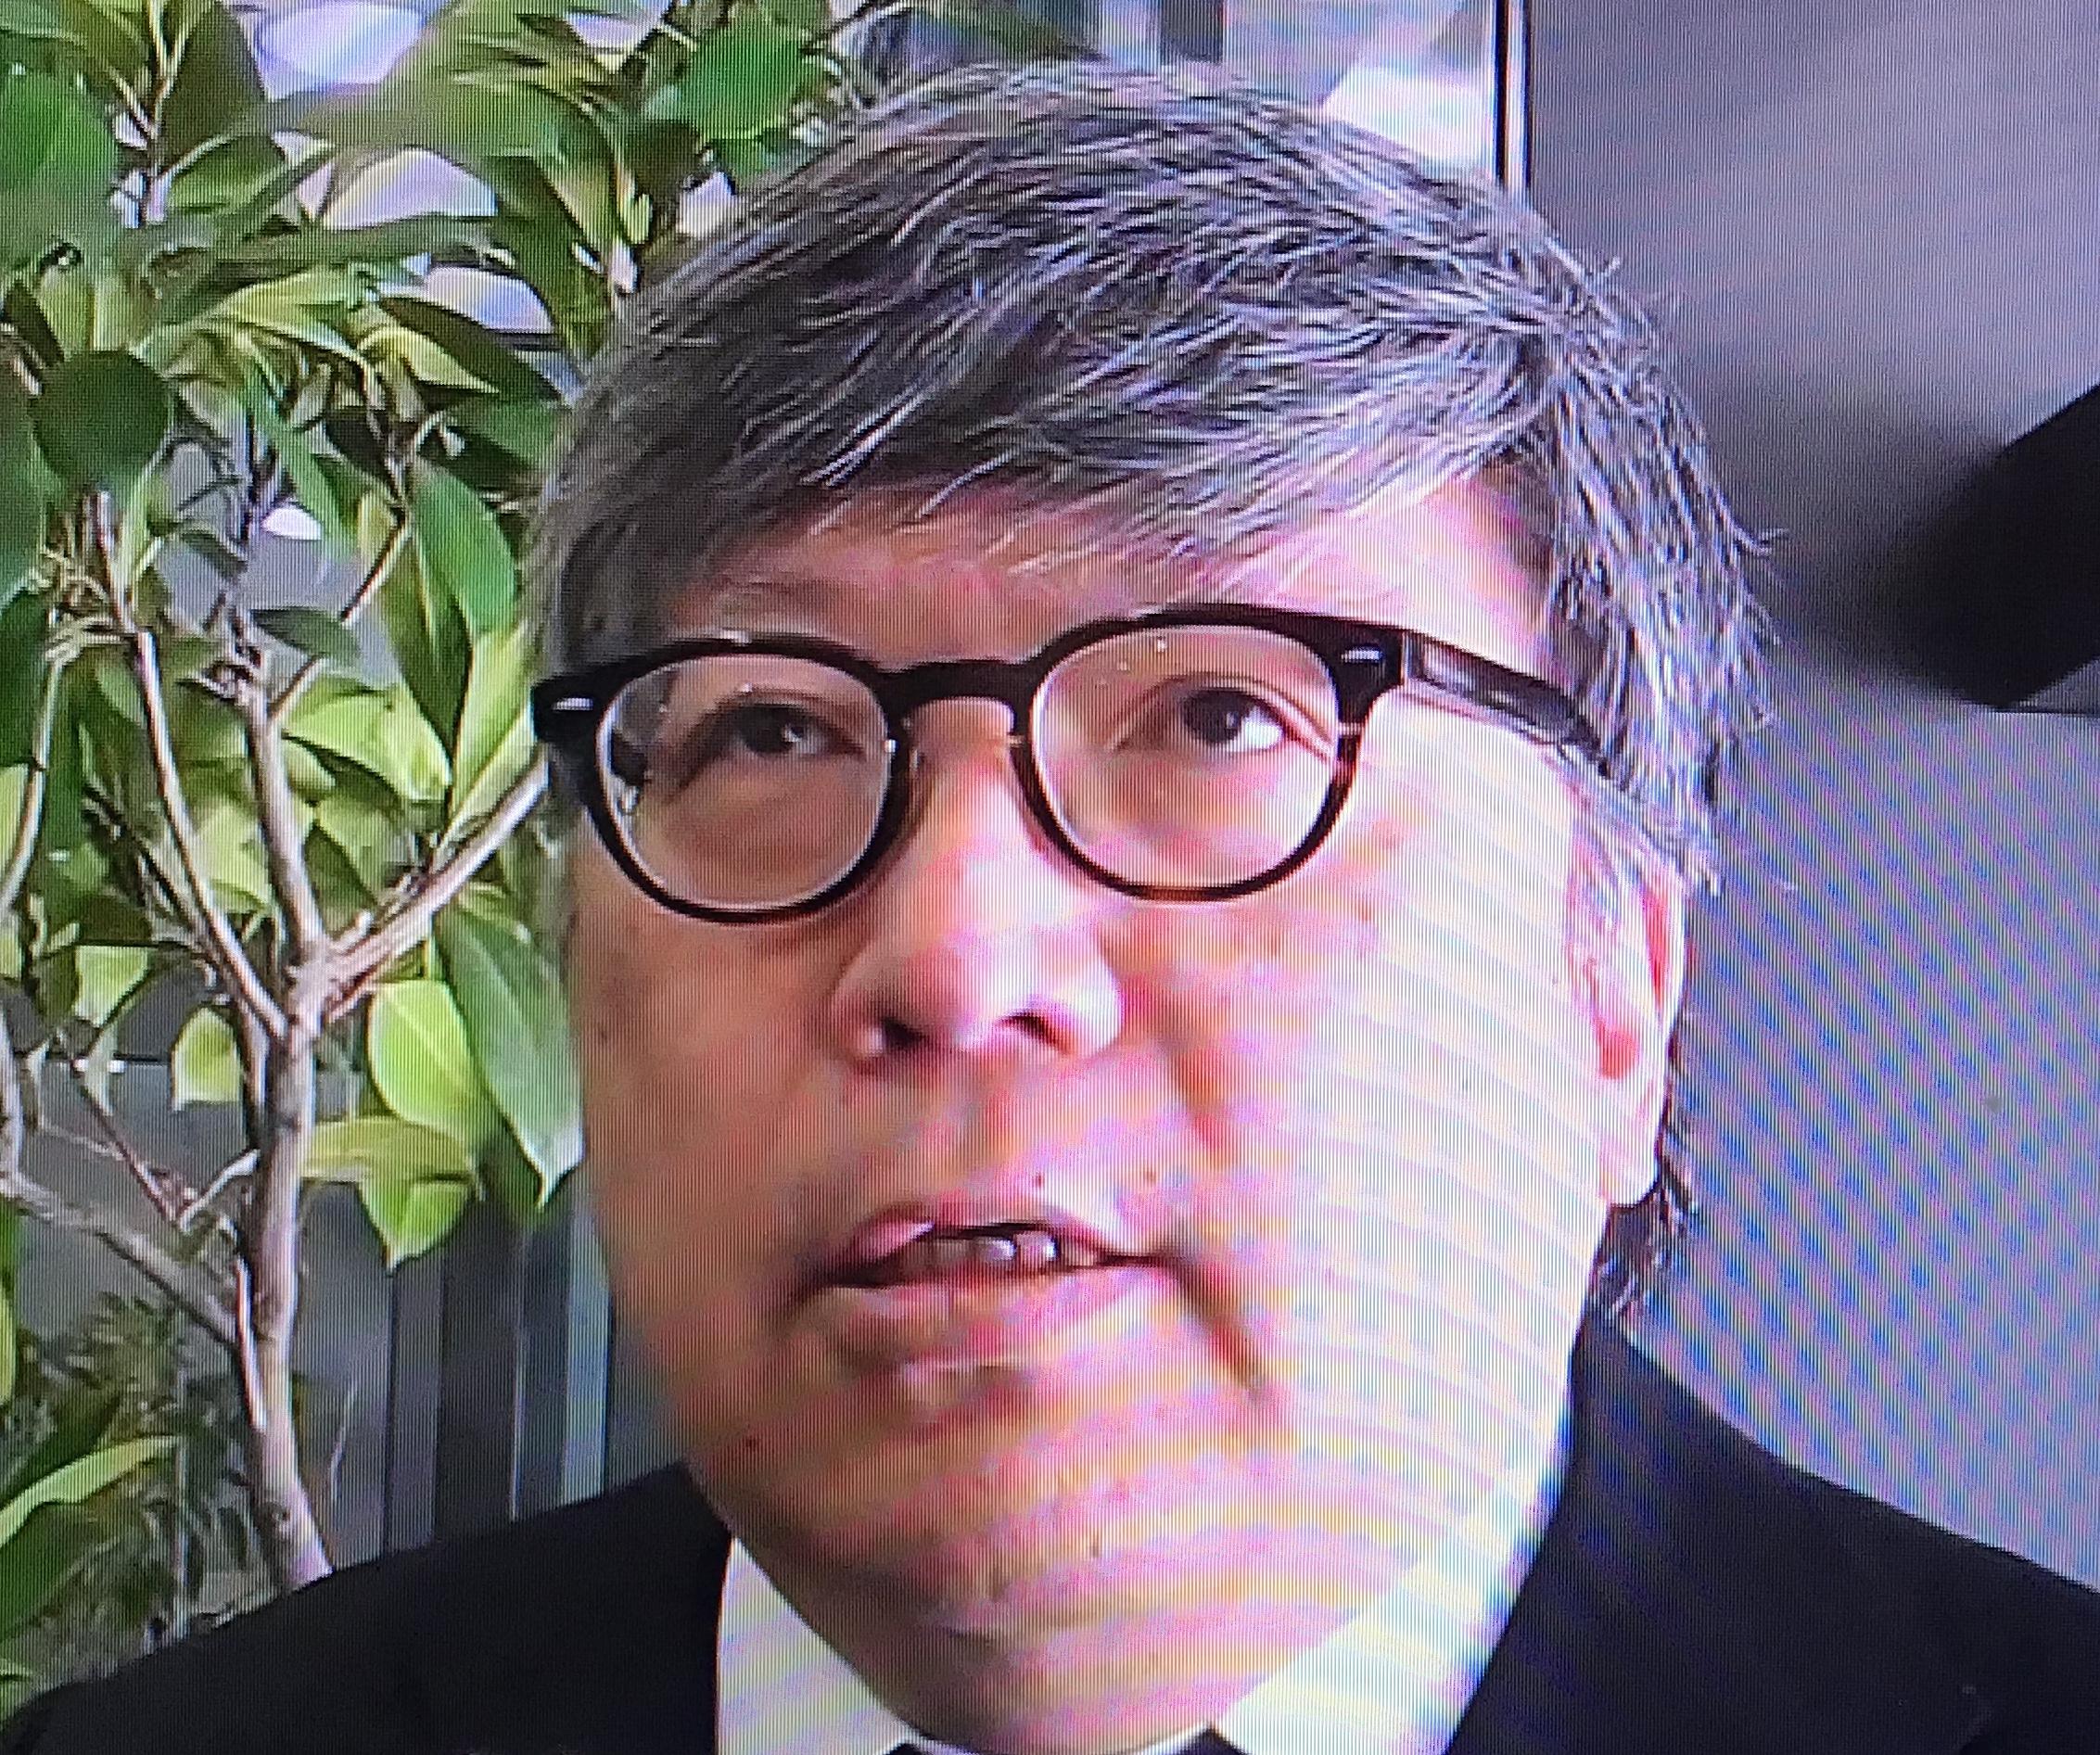 新原浩朗が菊池桃子と電撃結婚!東大卒のプロフィールと